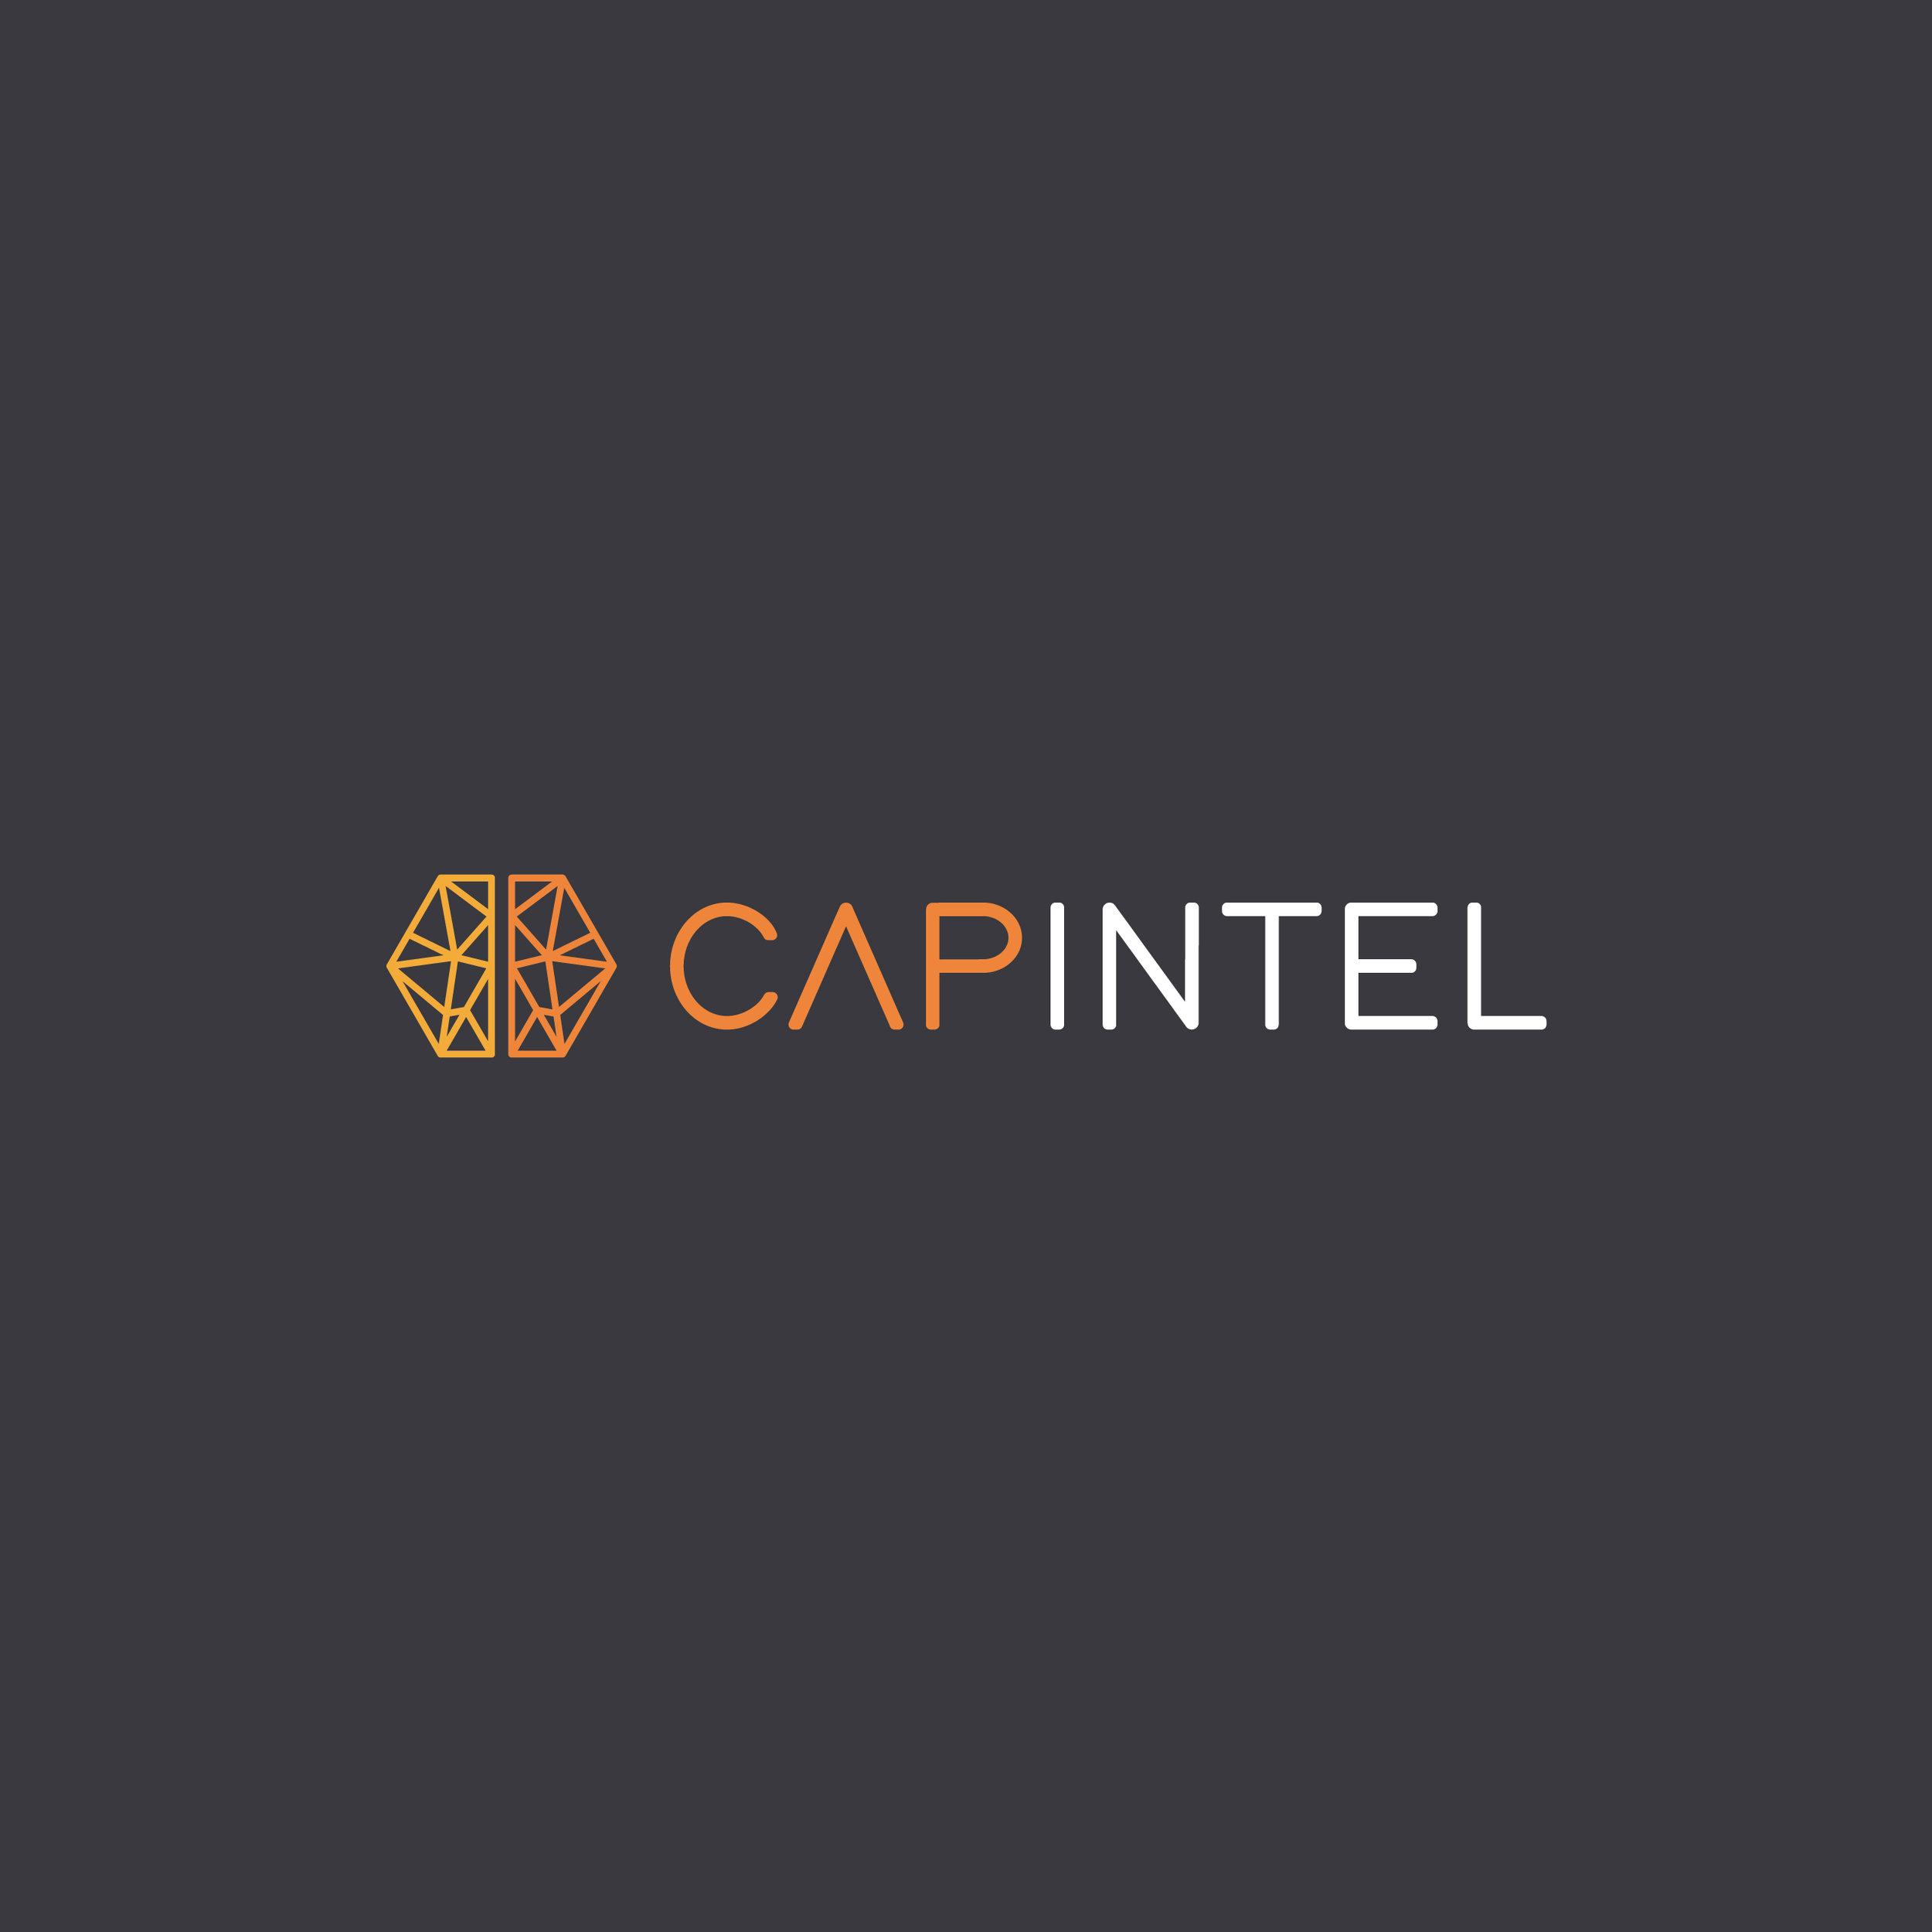 capintel-thumbnail.jpg